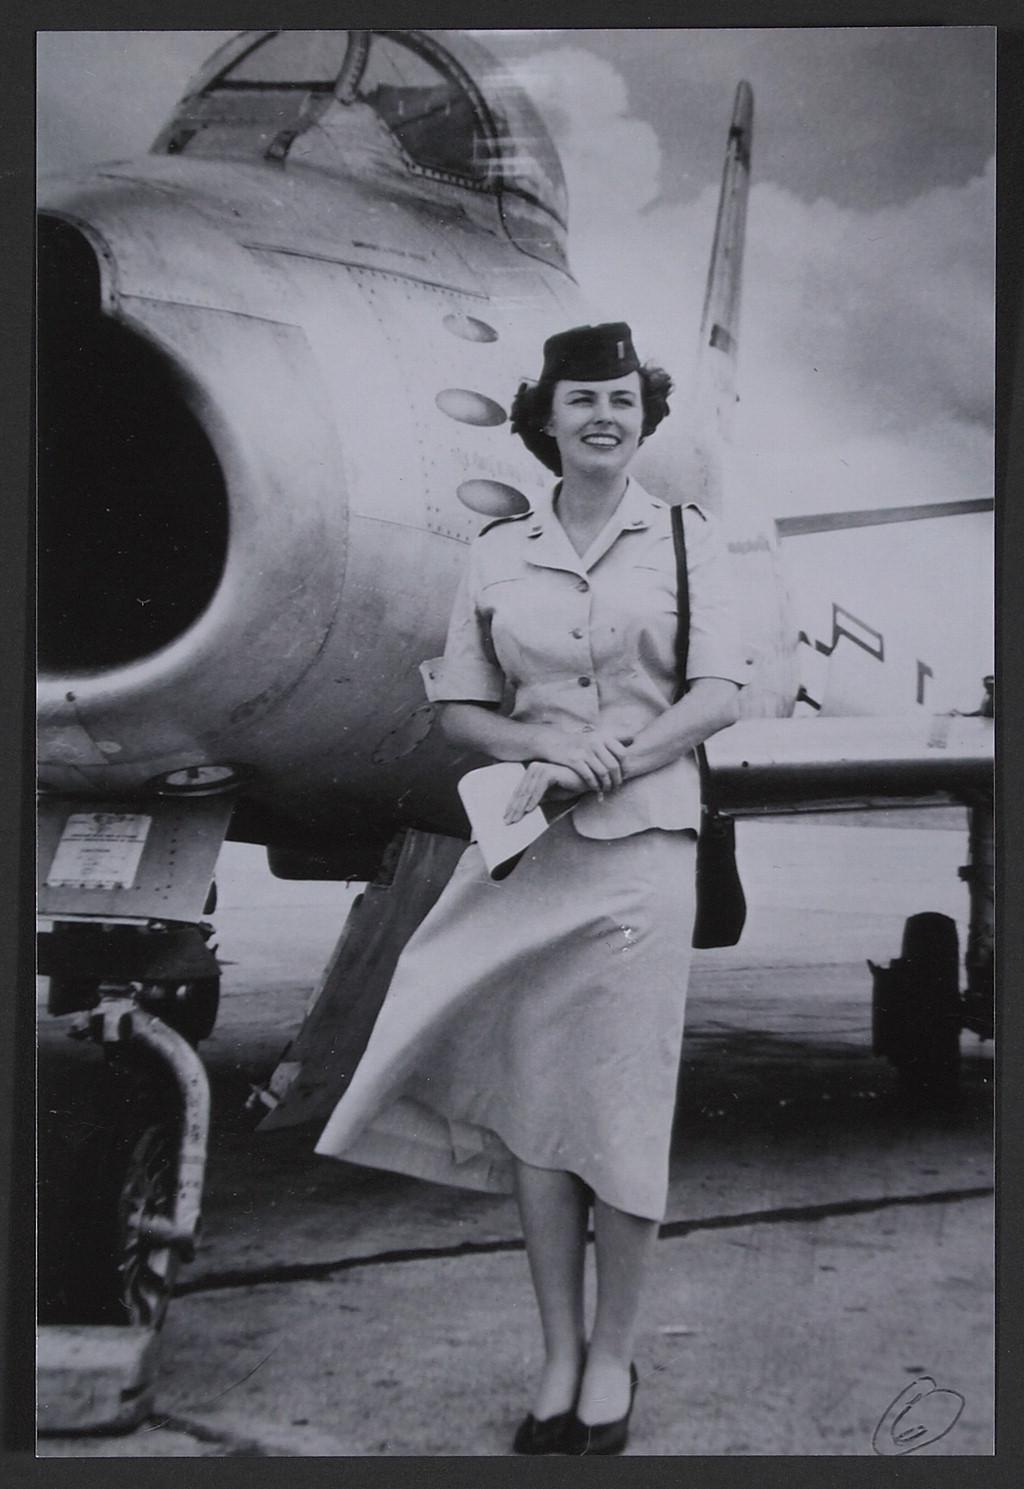 Lt. Mary Tener Davidson Hall, Komaki Air Base, F-86